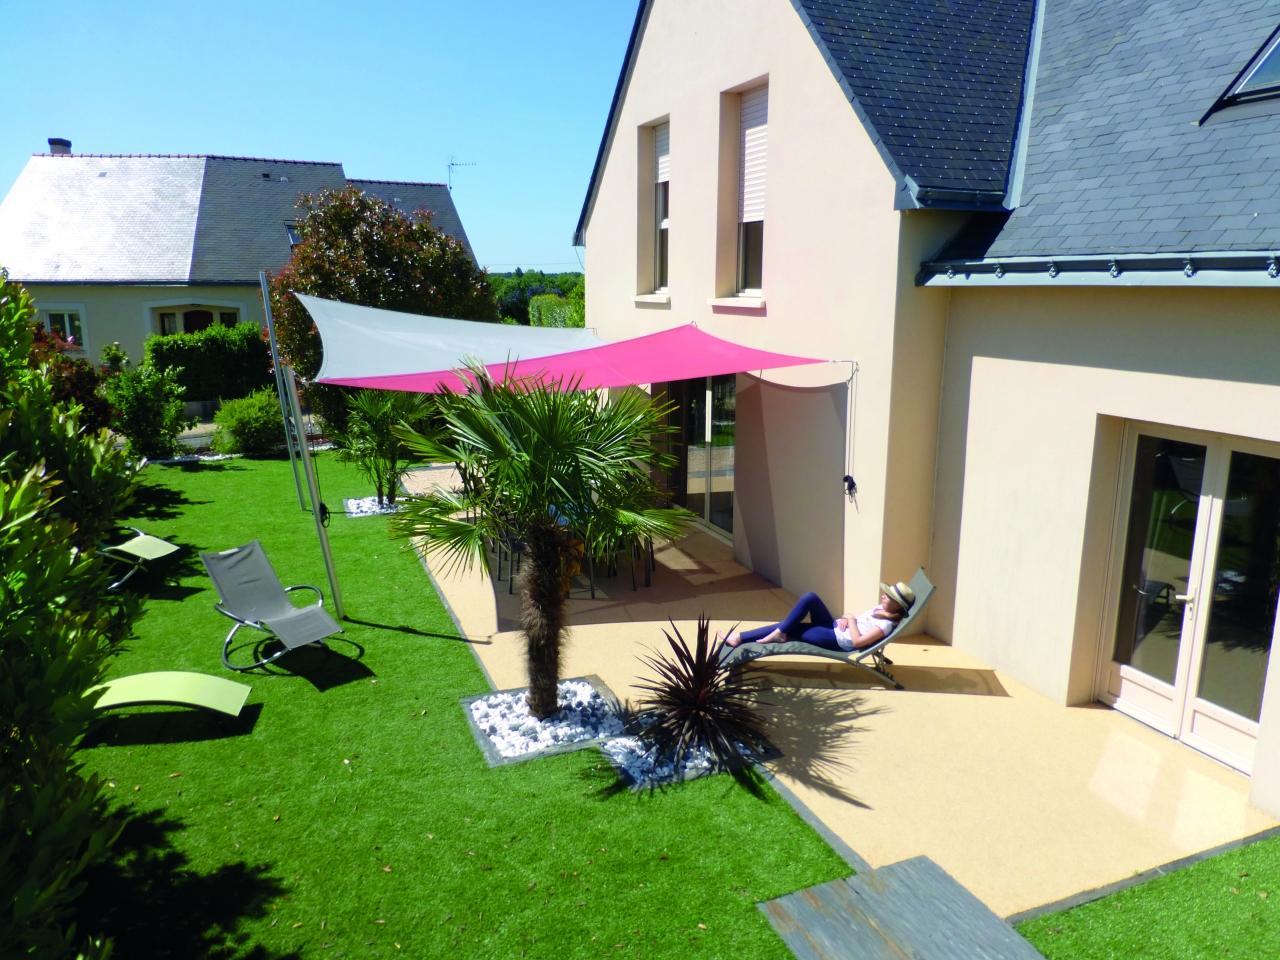 gazon synth tique r aliste pour cour terrasse tour de piscine. Black Bedroom Furniture Sets. Home Design Ideas